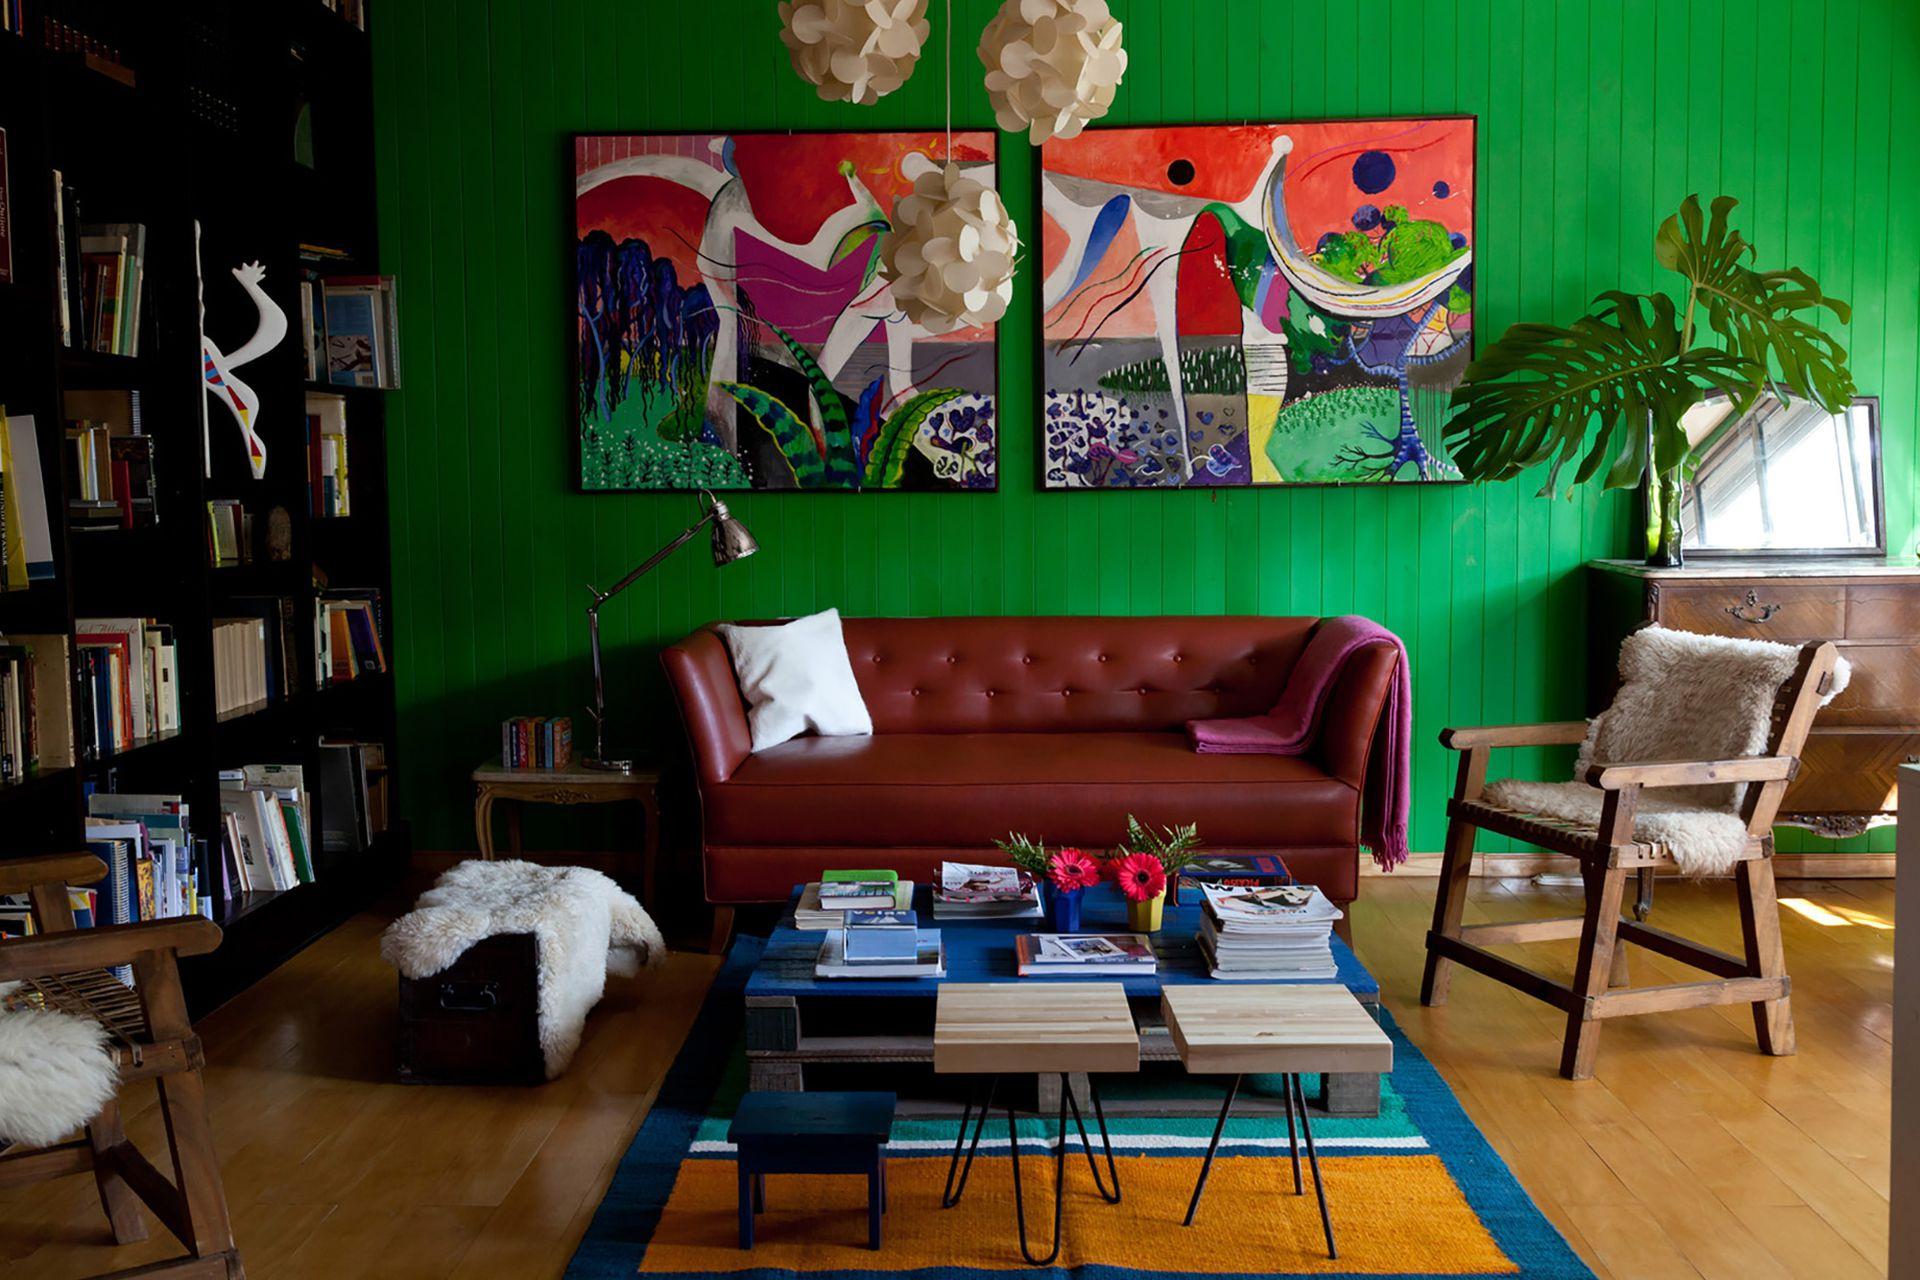 Al entrar a la casa, en la planta baja, aparece el living con la pared de machimbre pintada de verde y dos cuadros de Kalil hechos especialmente para este ambiente.